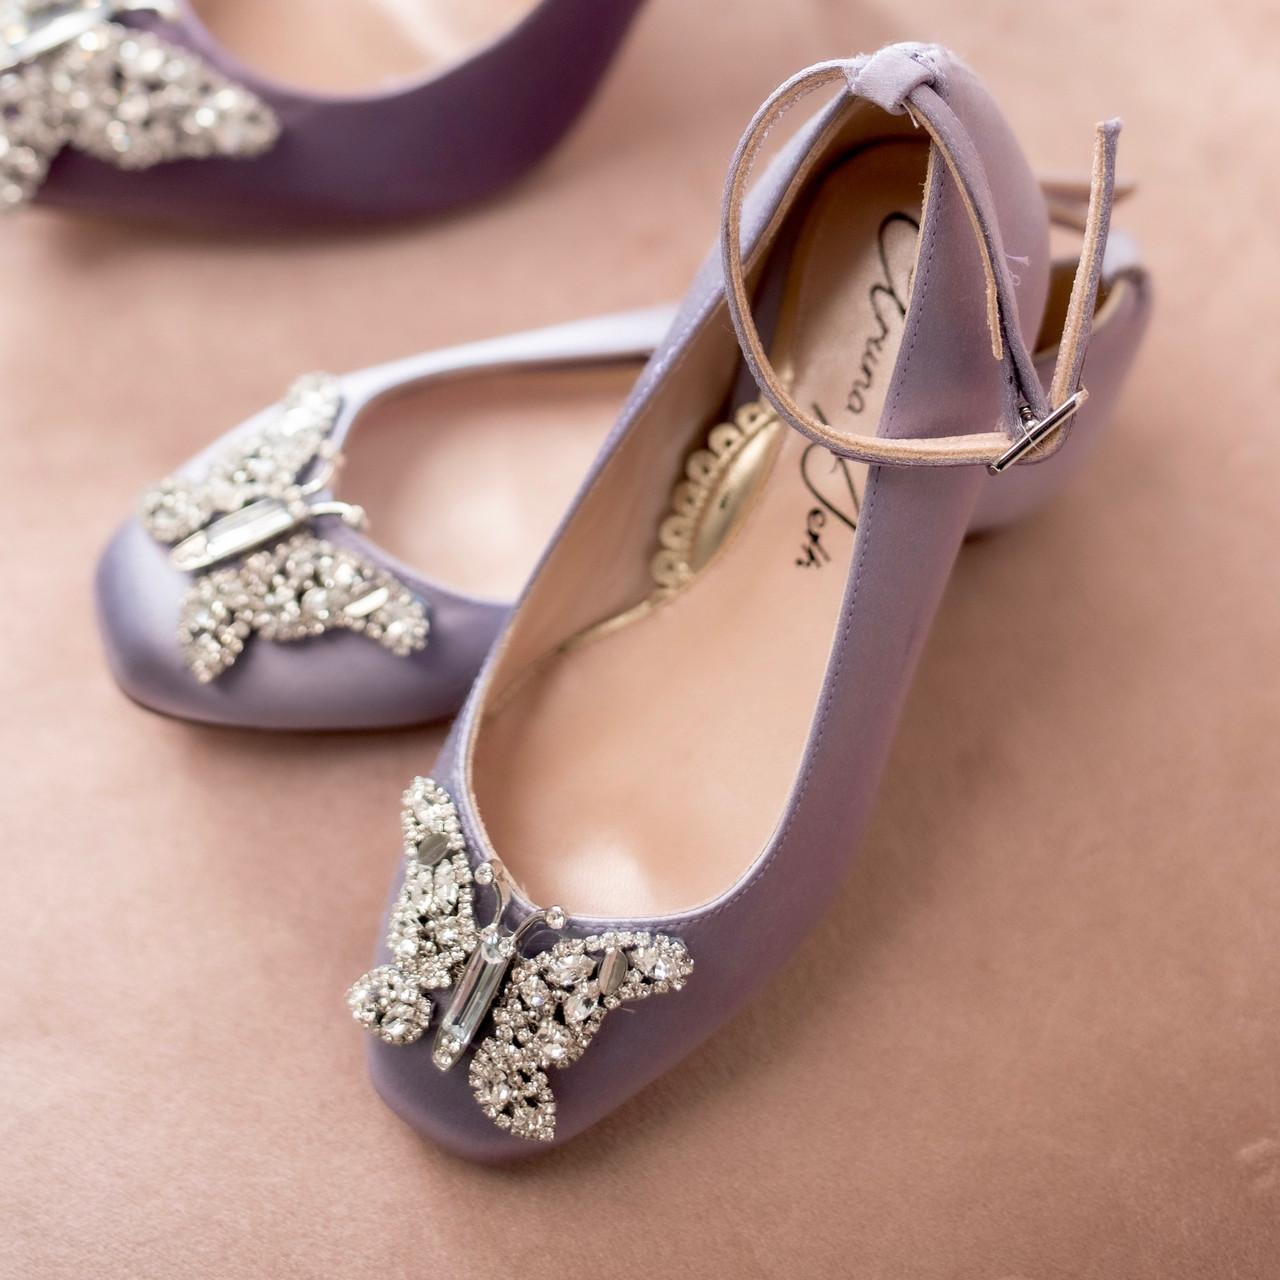 Farfalla Lilac Satin Ballerina